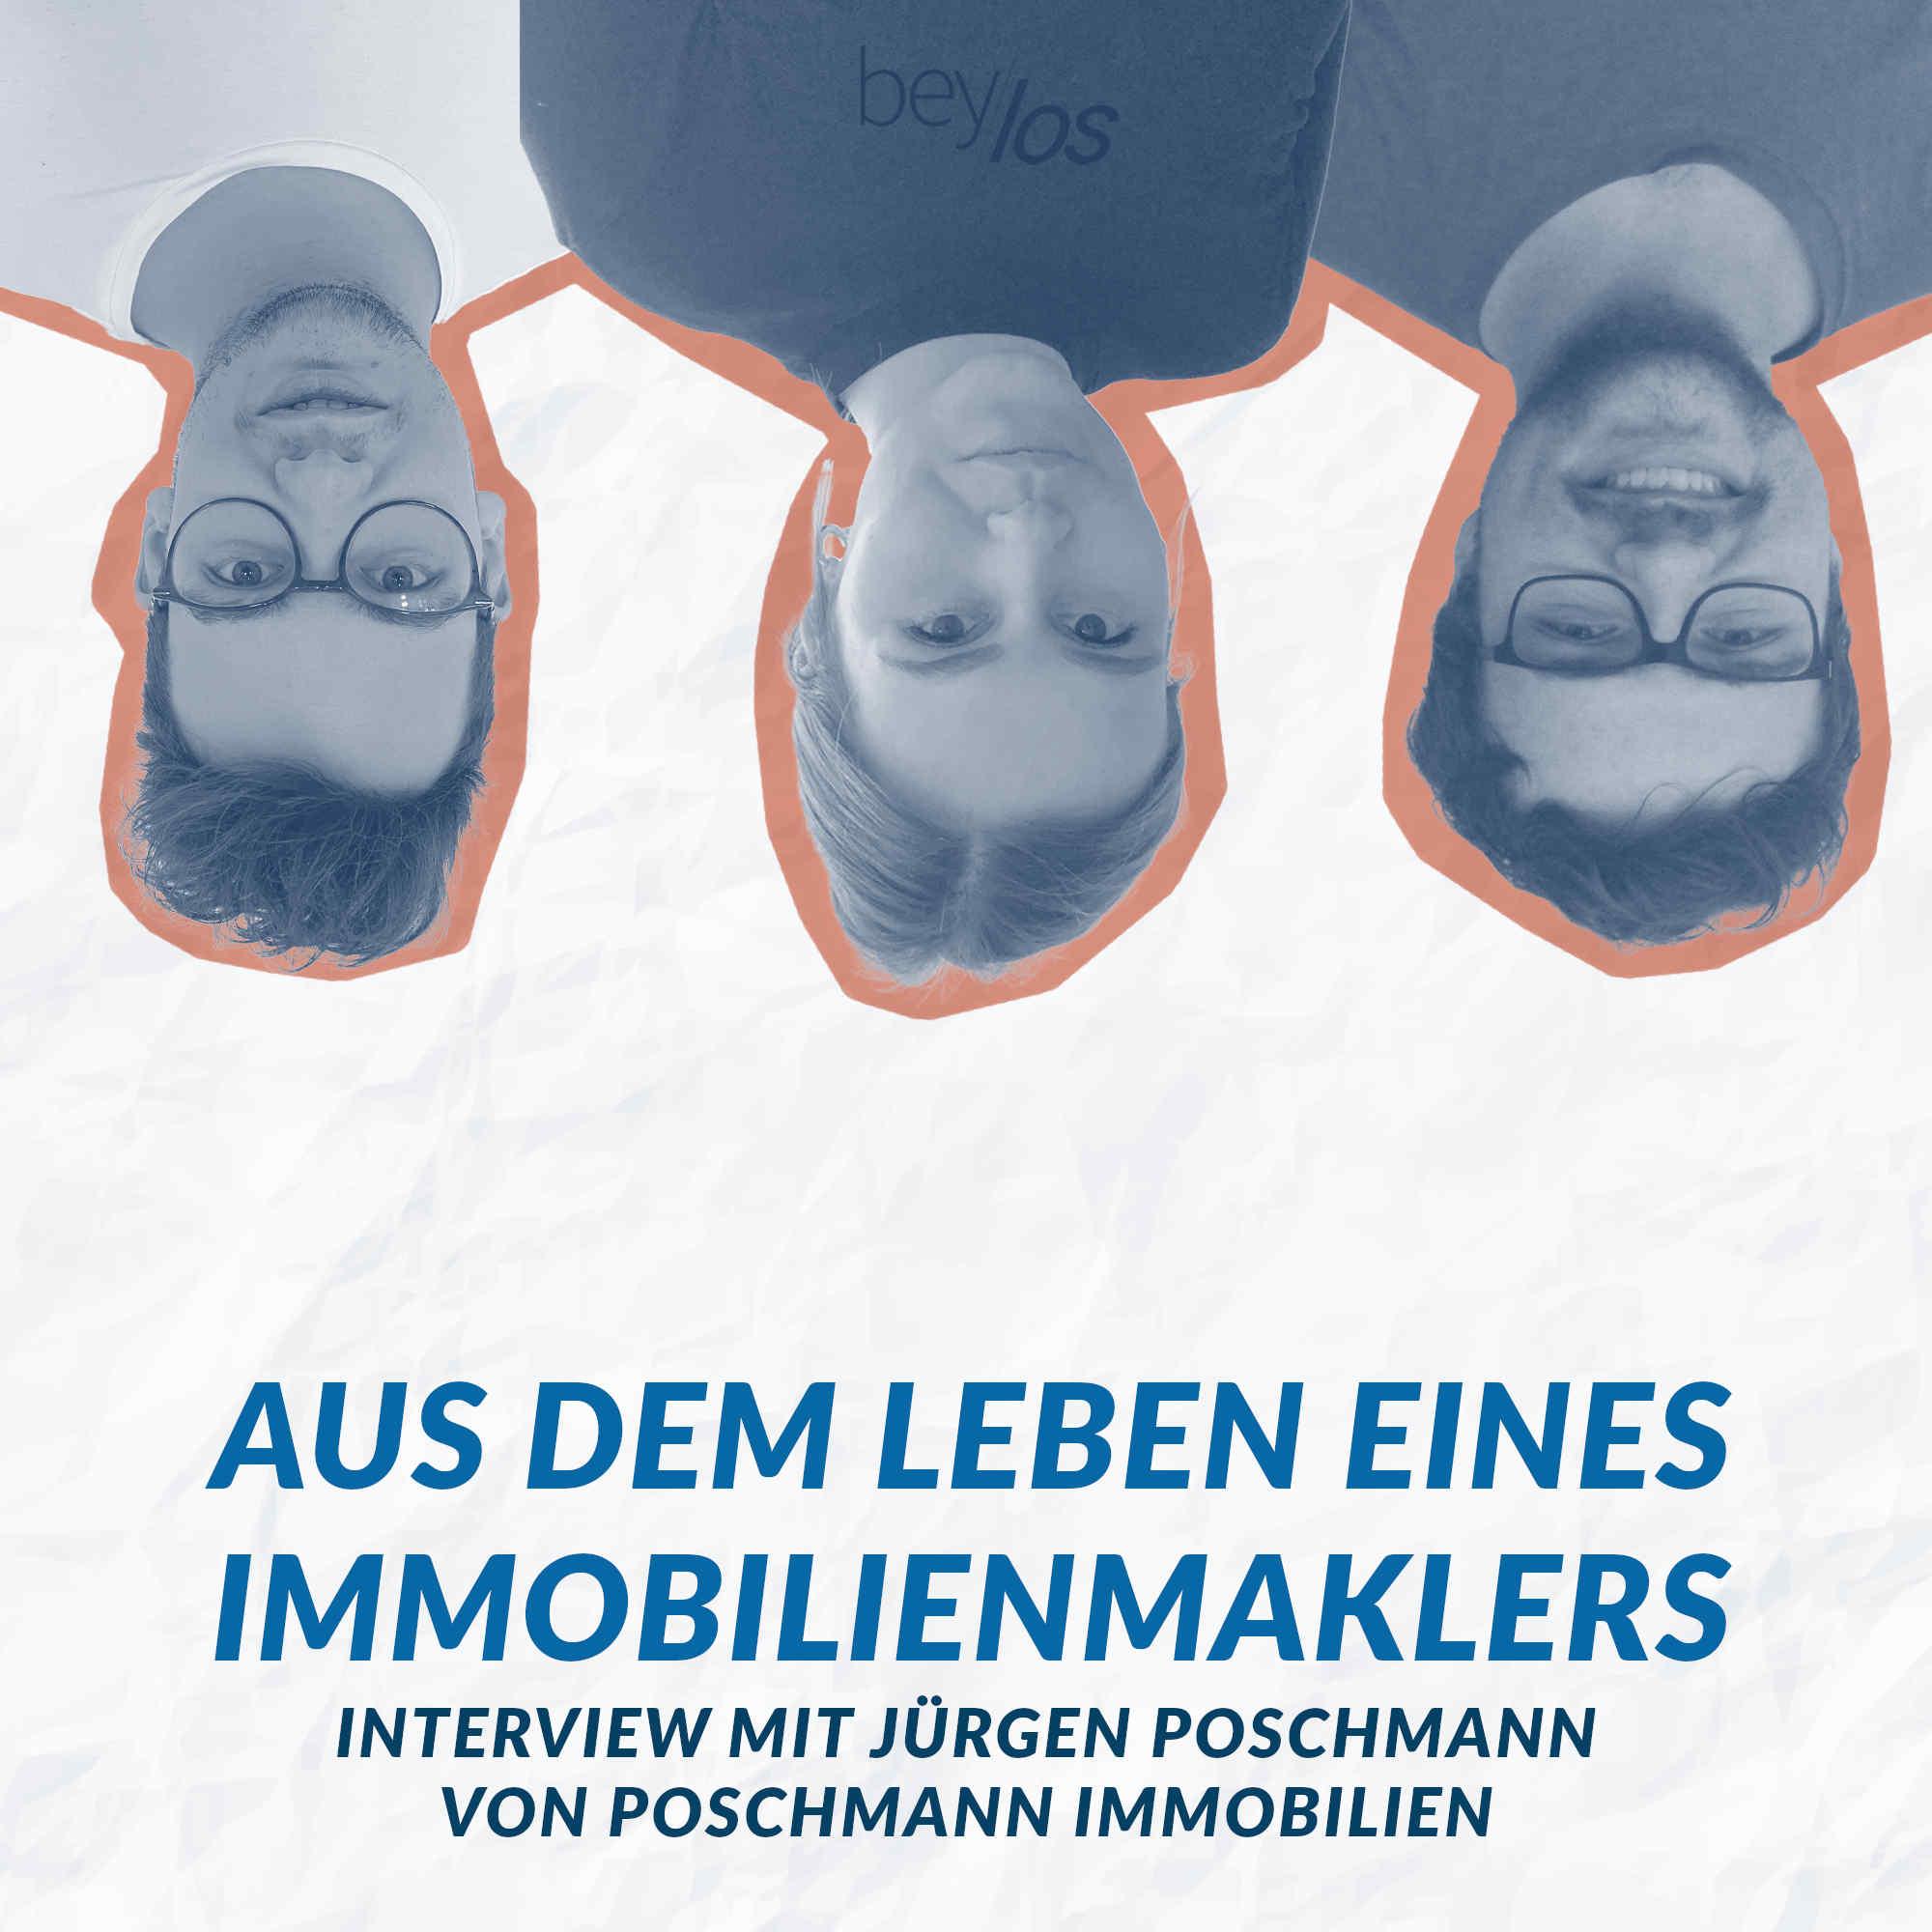 Interview mit Jürgen Poschmann von Poschmann Immobilien